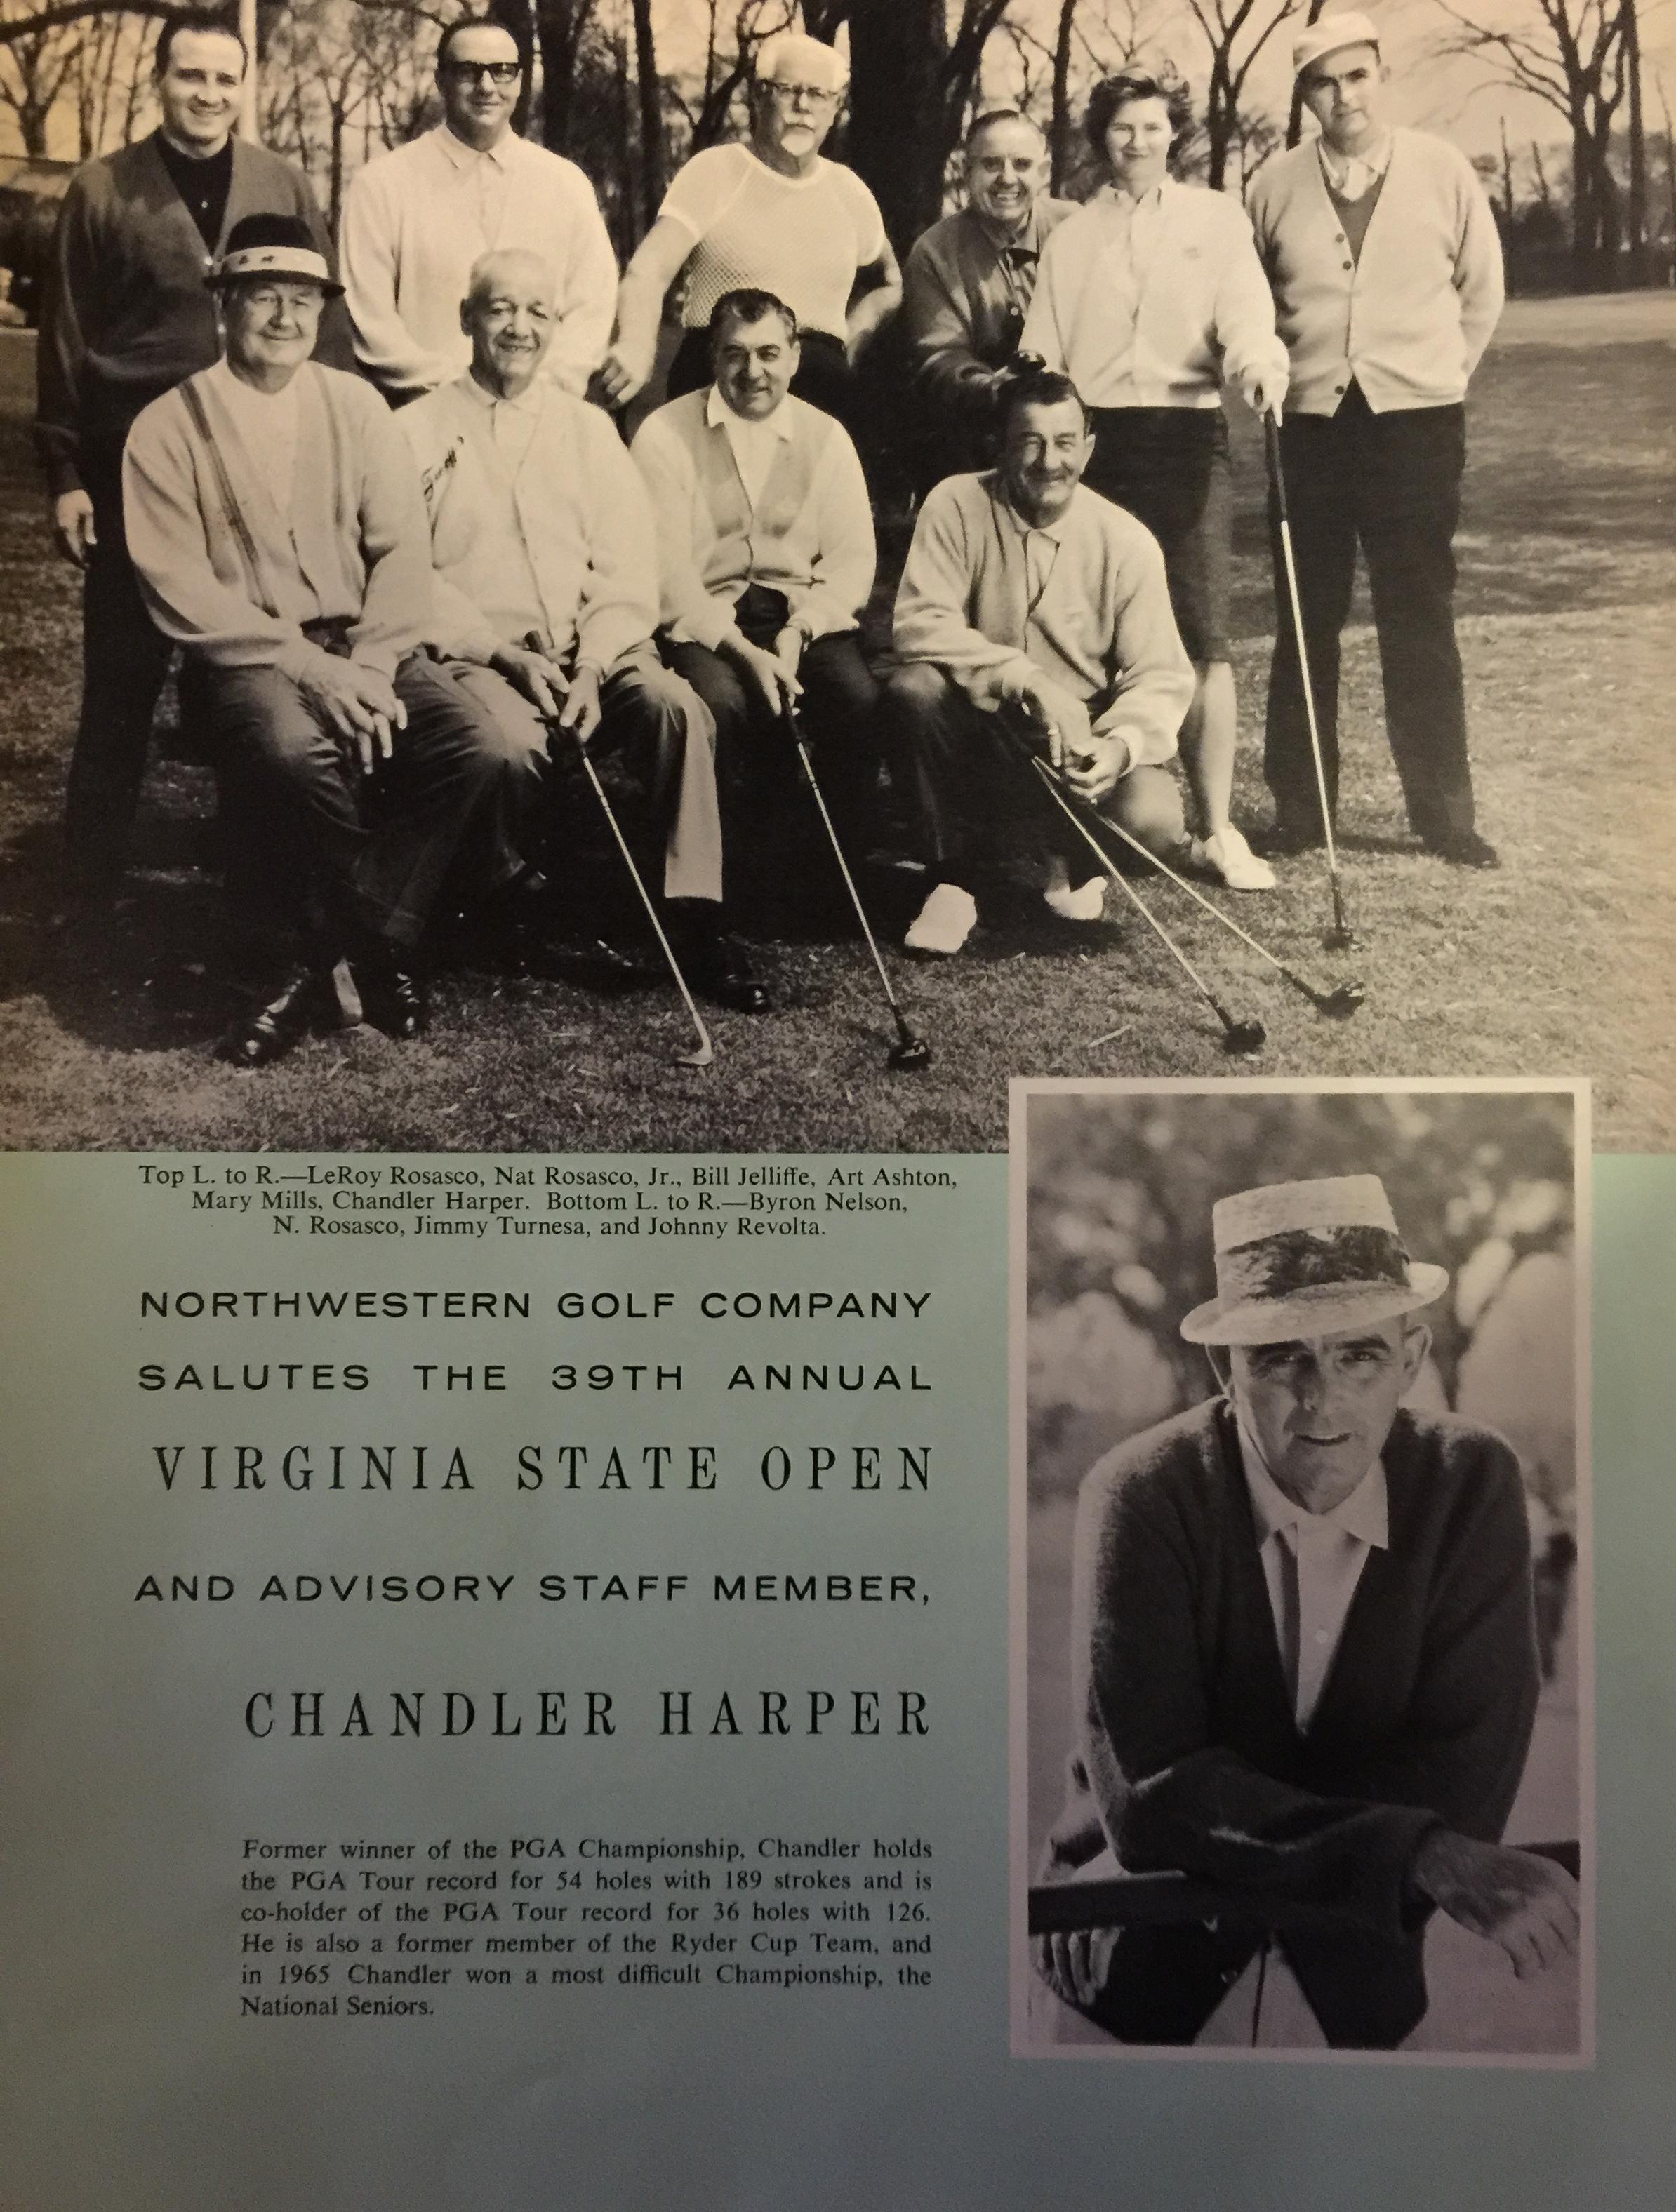 Chandler Harper – Virginia Golf Hall of Fame